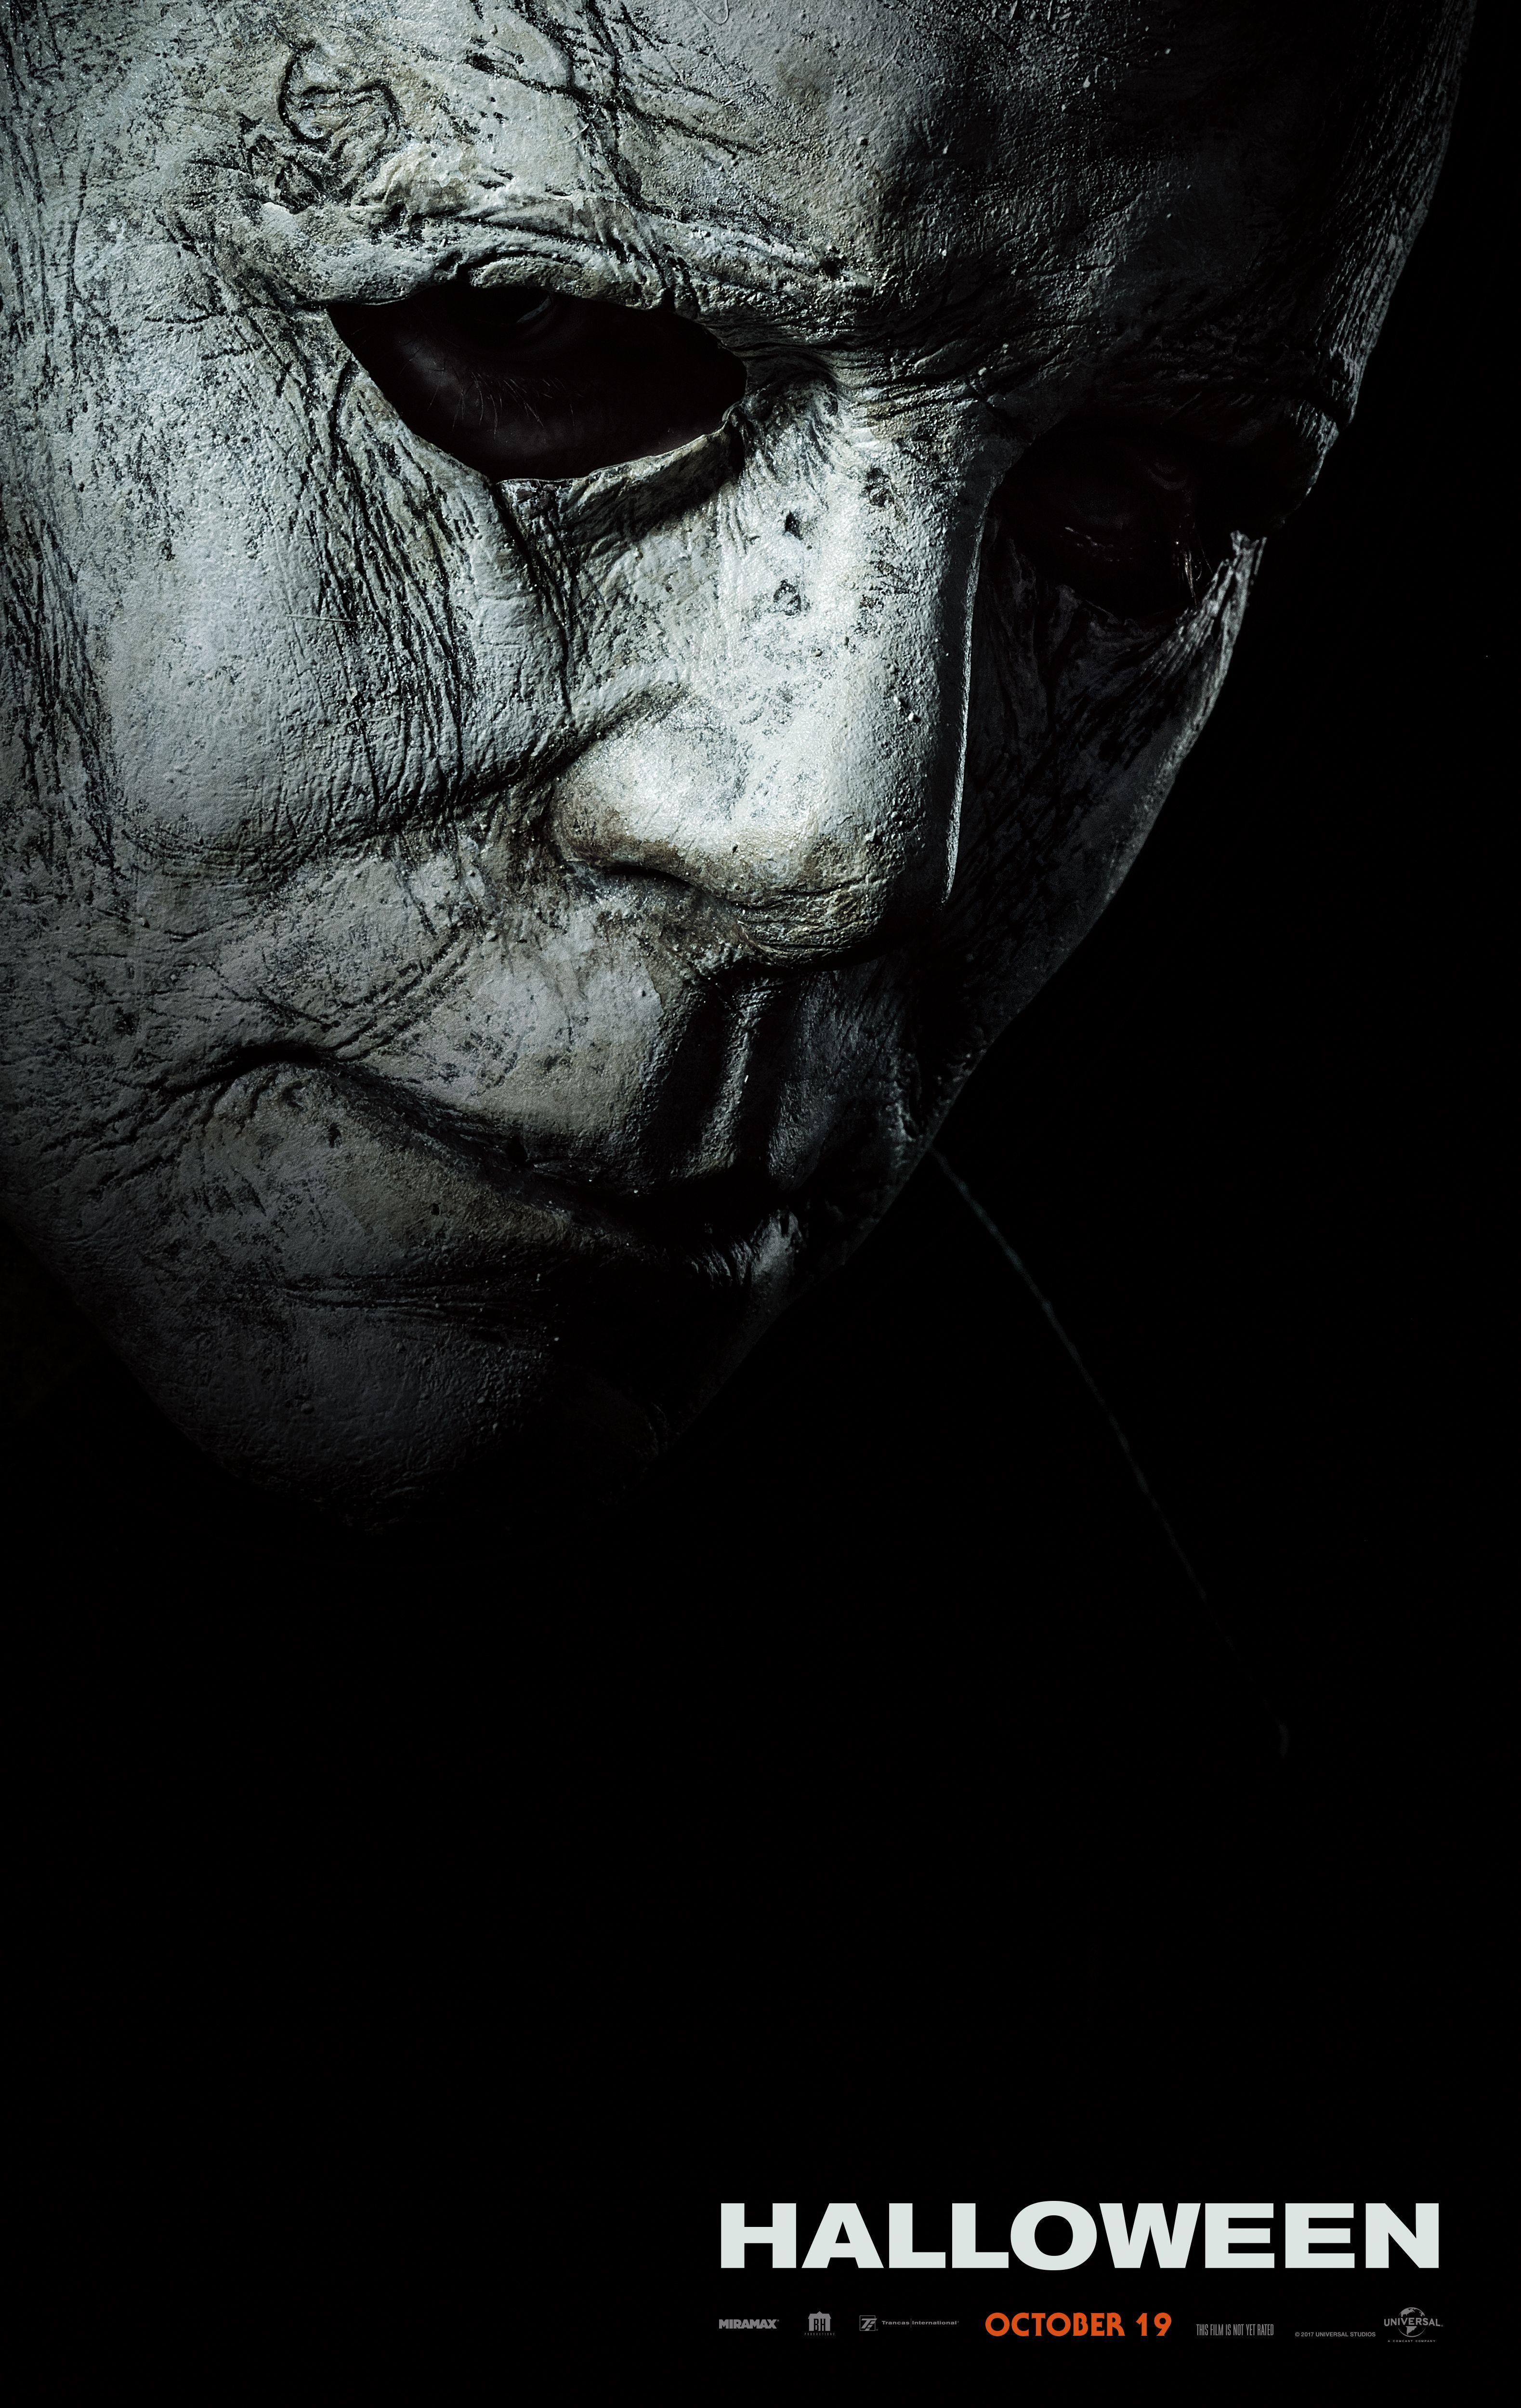 HALLOWEEN In theaters October 19, 2018 Halloween movie